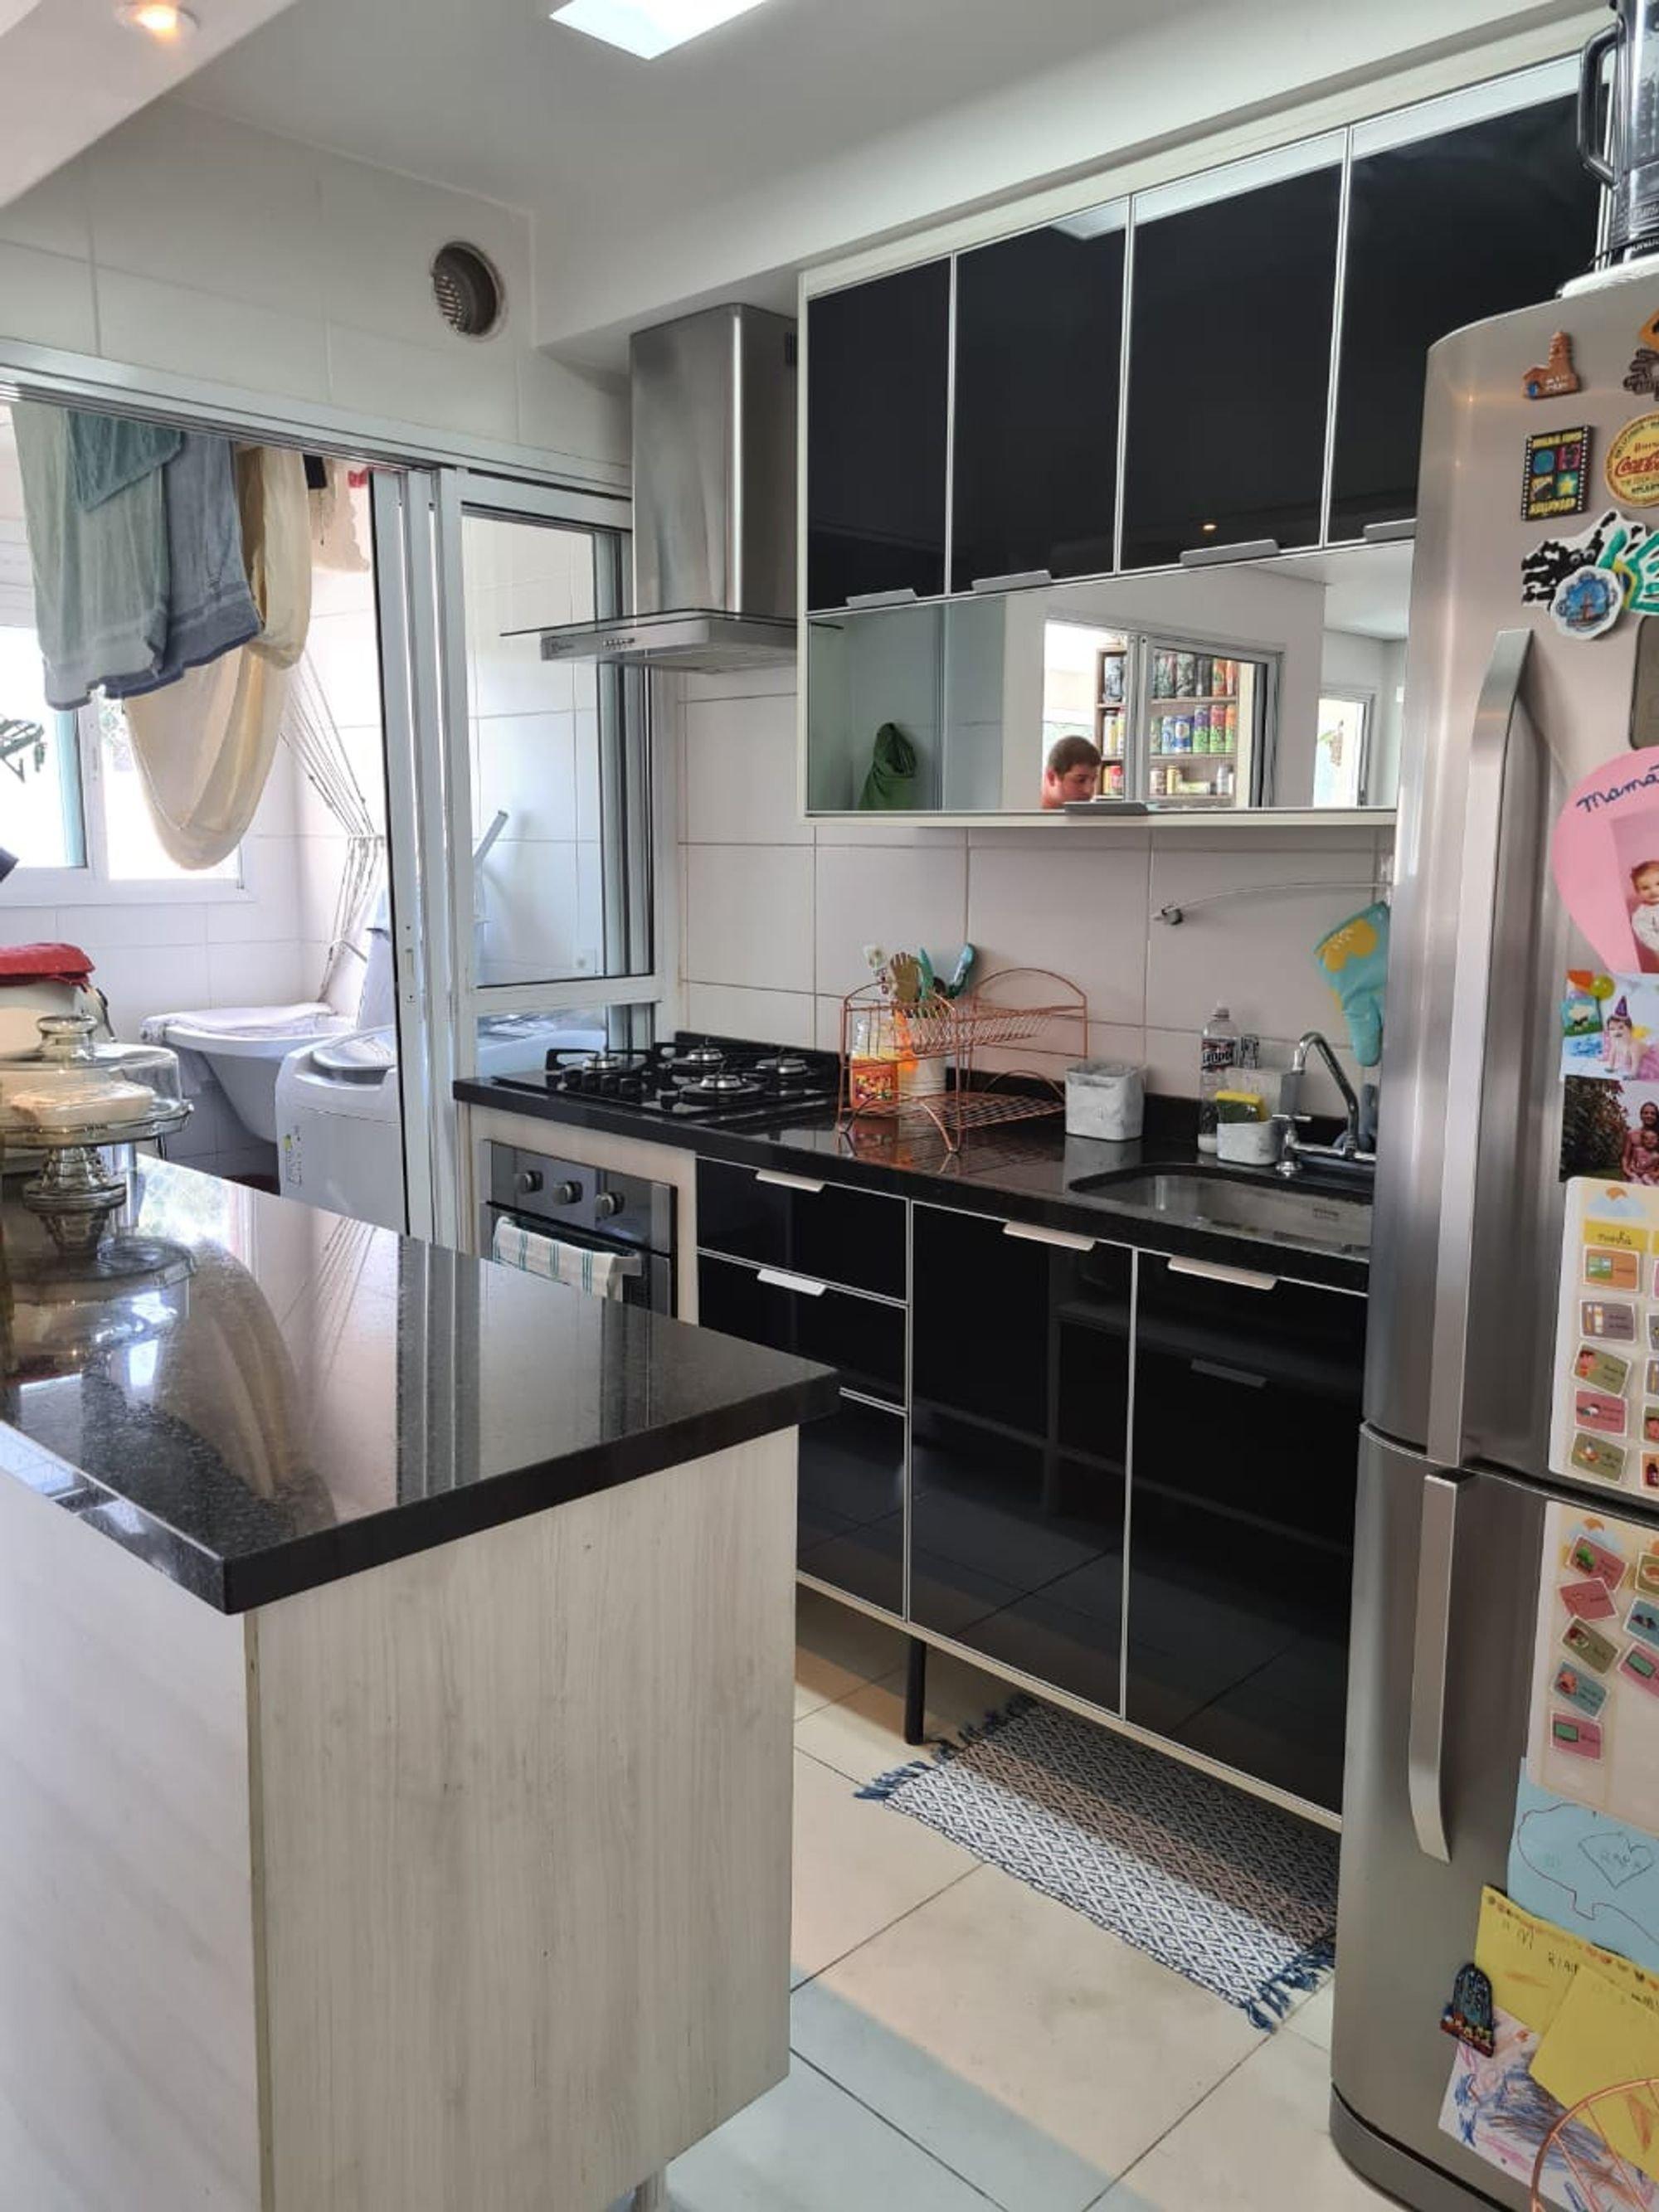 Foto de Cozinha com forno, geladeira, pessoa, pia